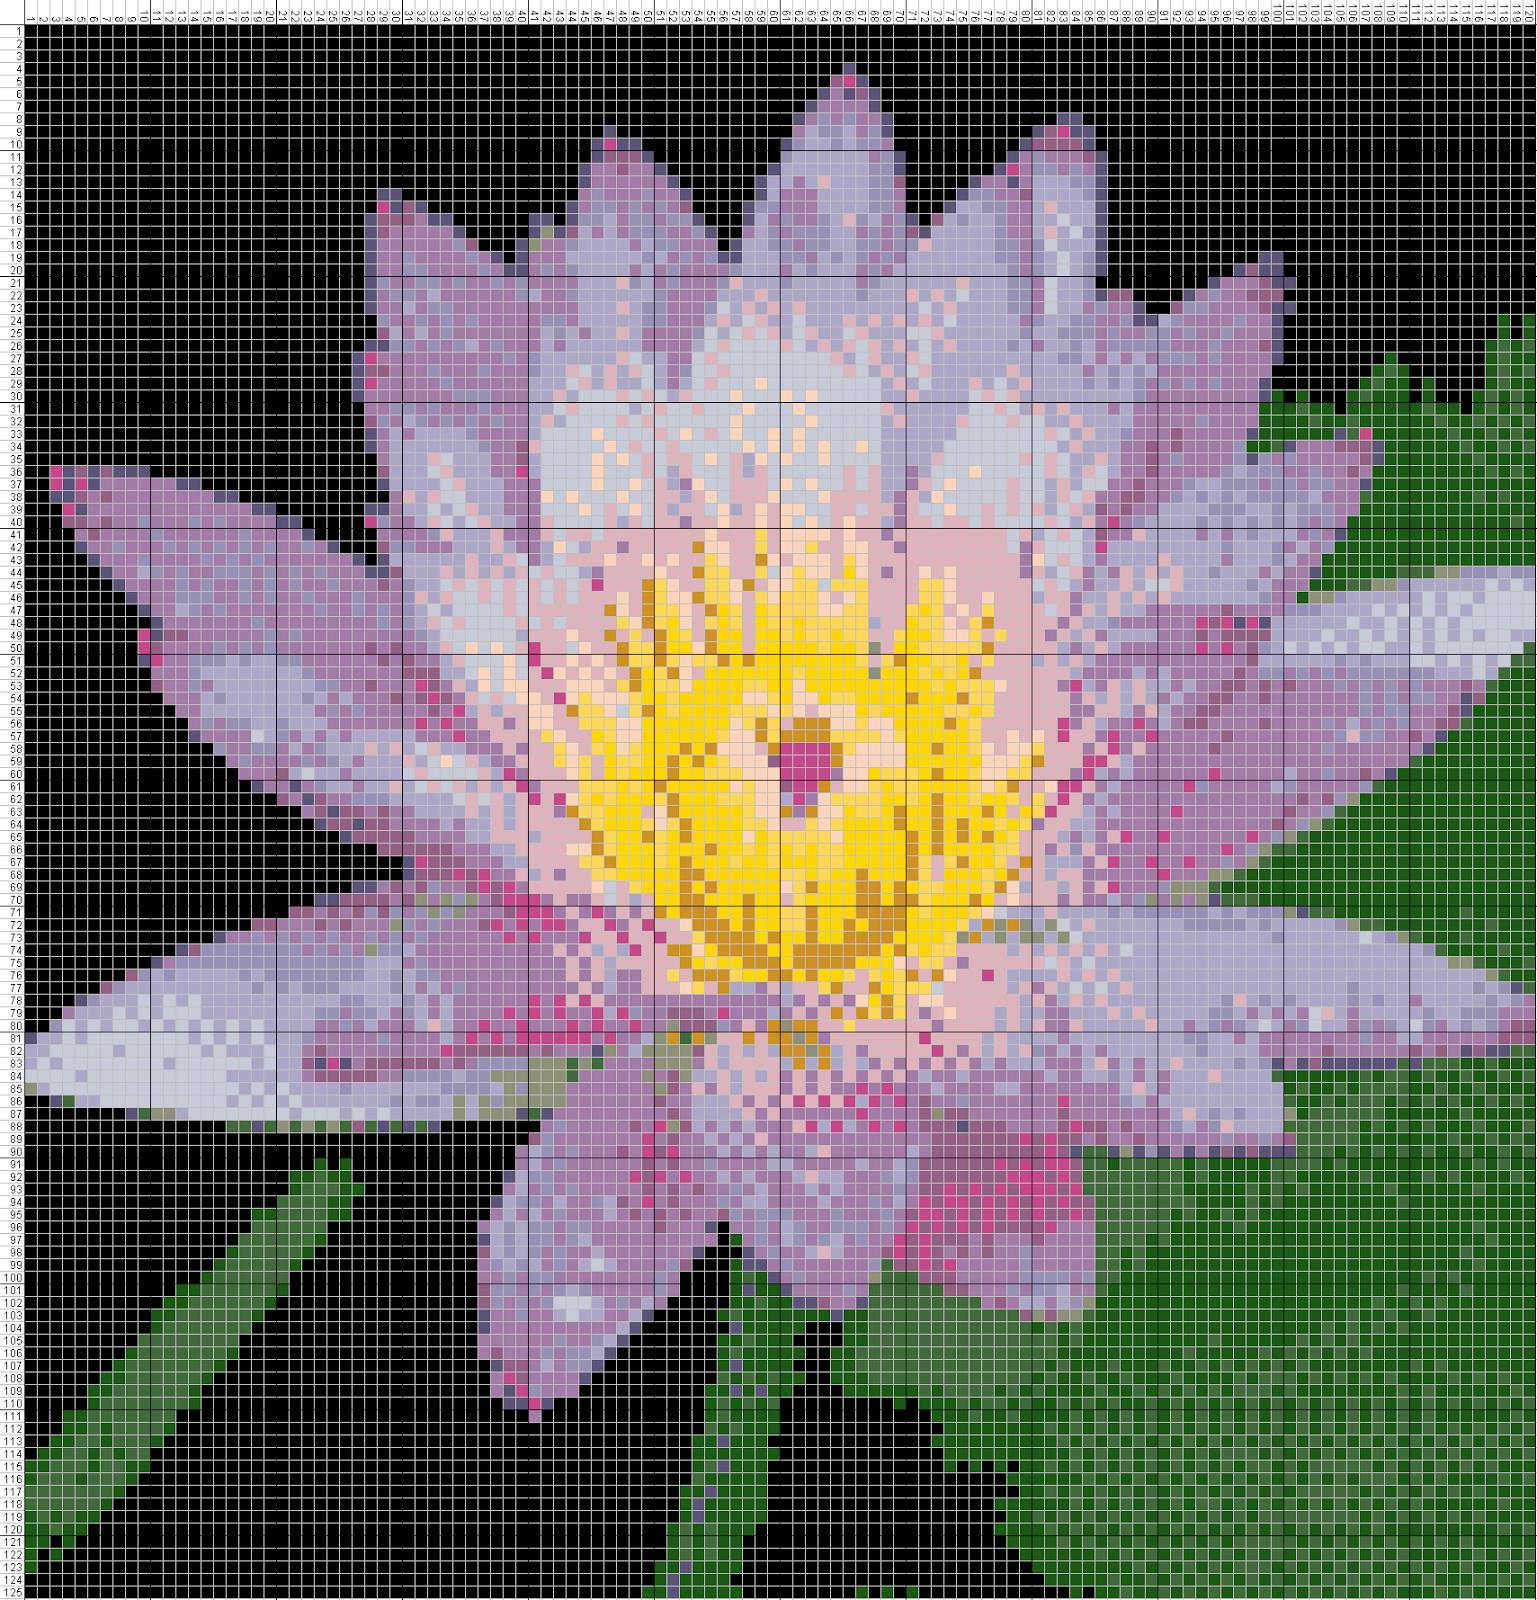 Gambar Pola Kristik Bunga Teratai 3 Free Cross Stitch Pattern